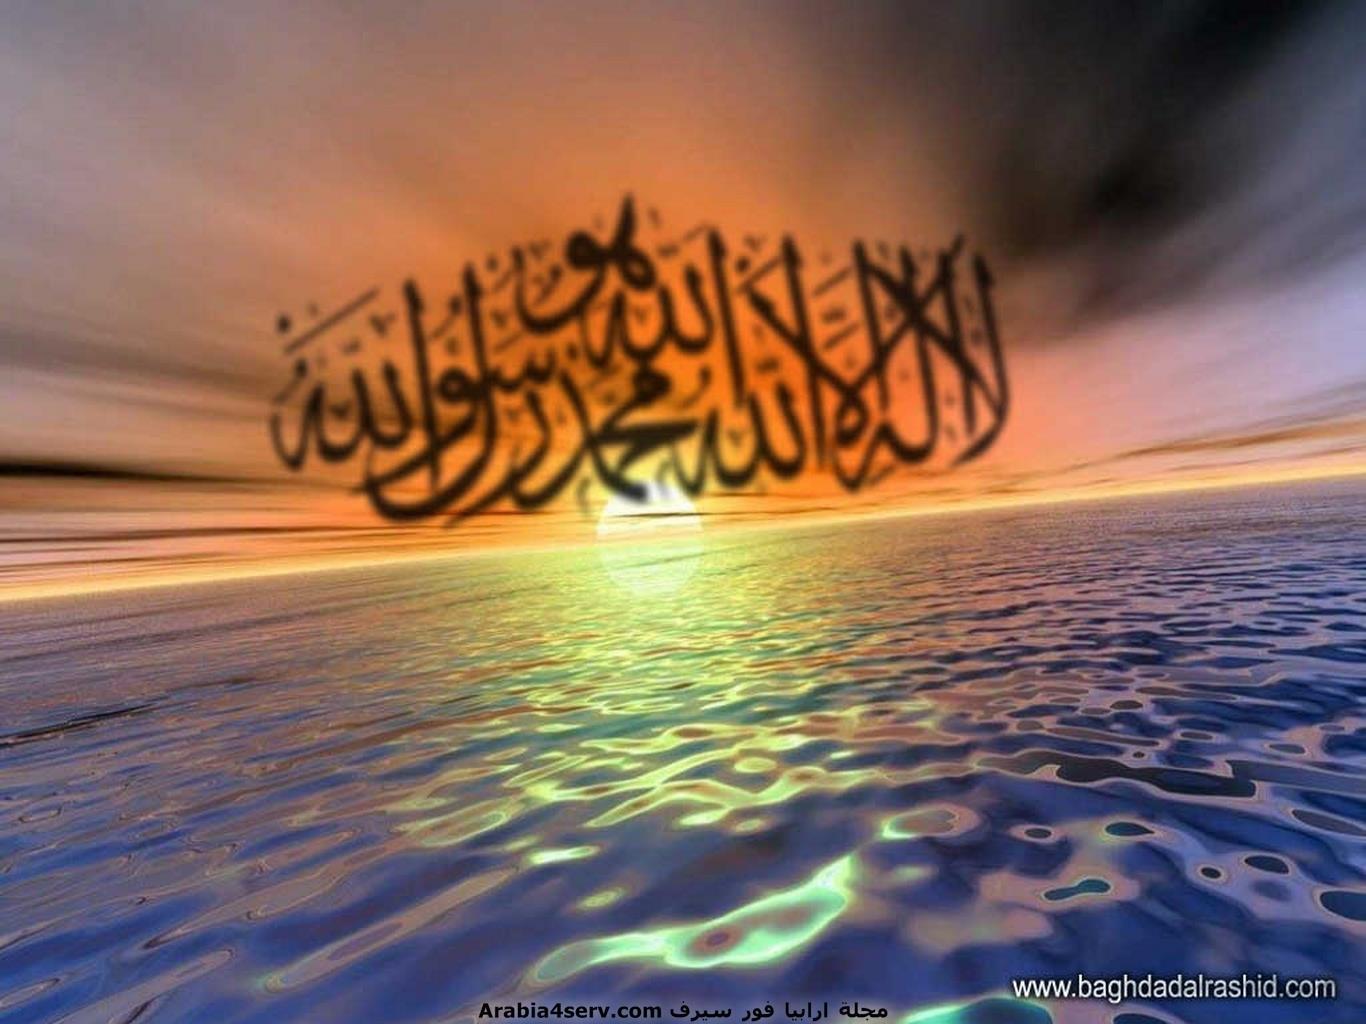 خلفيات-اسلامية-طبيعية-للتحميل-جميلة-جدا-4